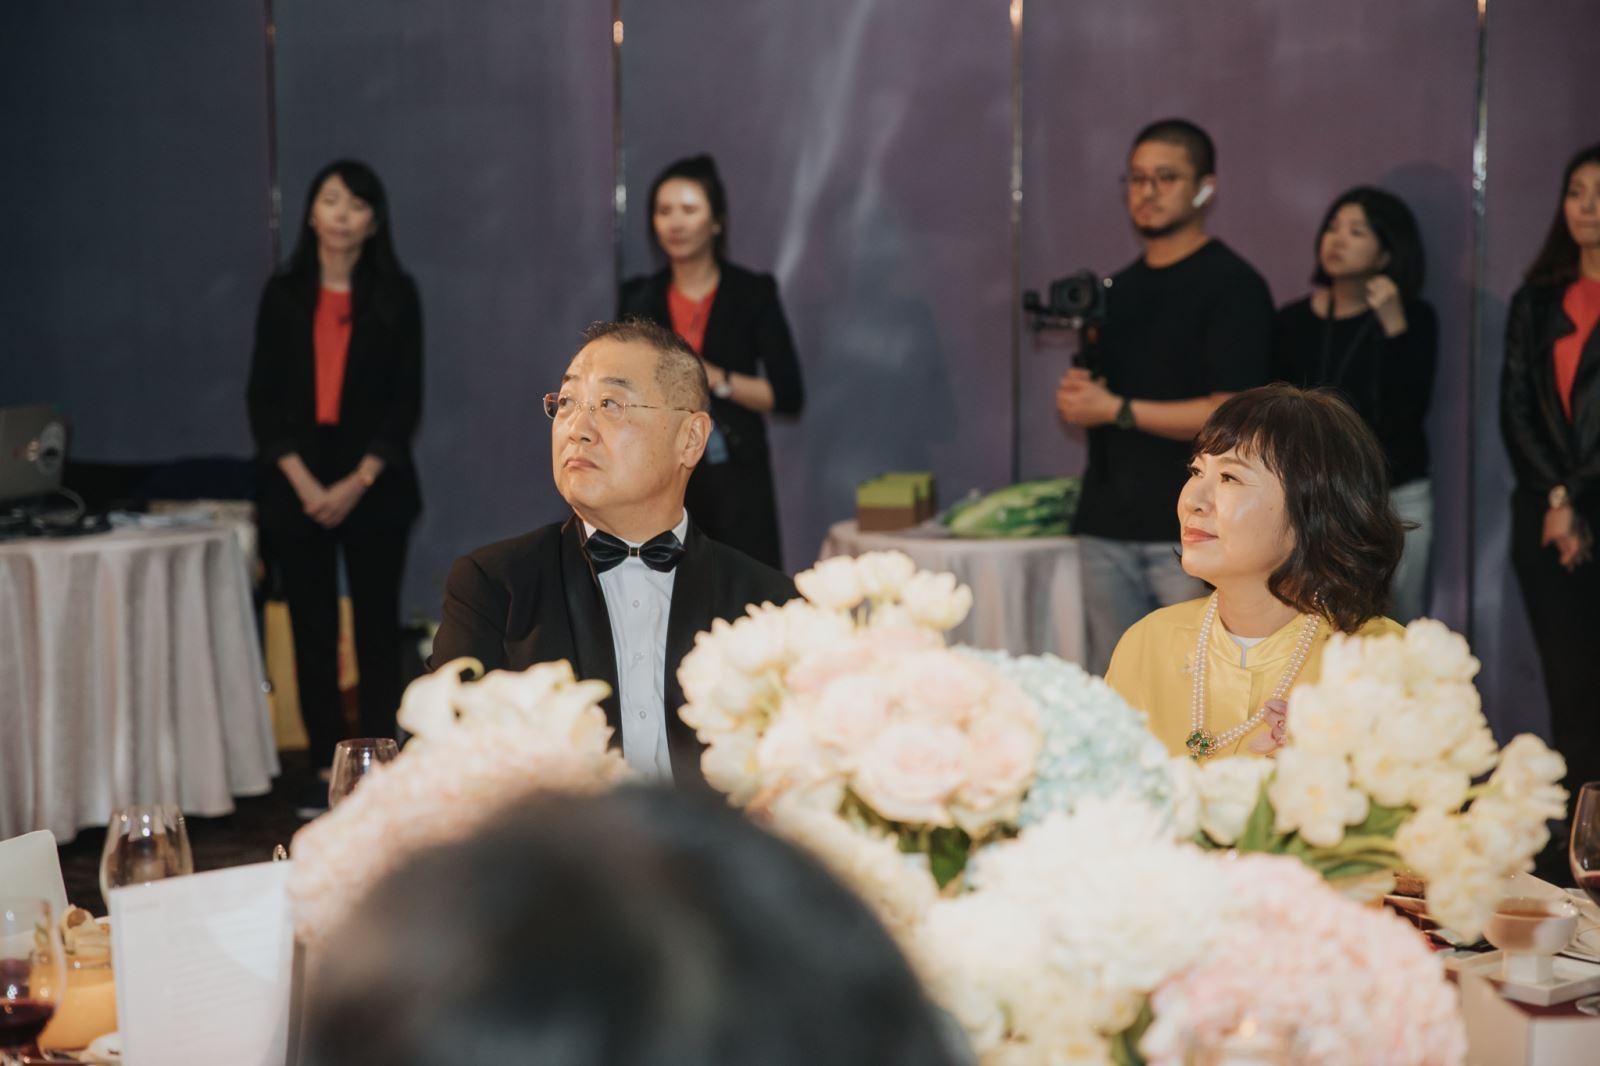 婚禮上有婚禮顧問團隊的幫忙,真好